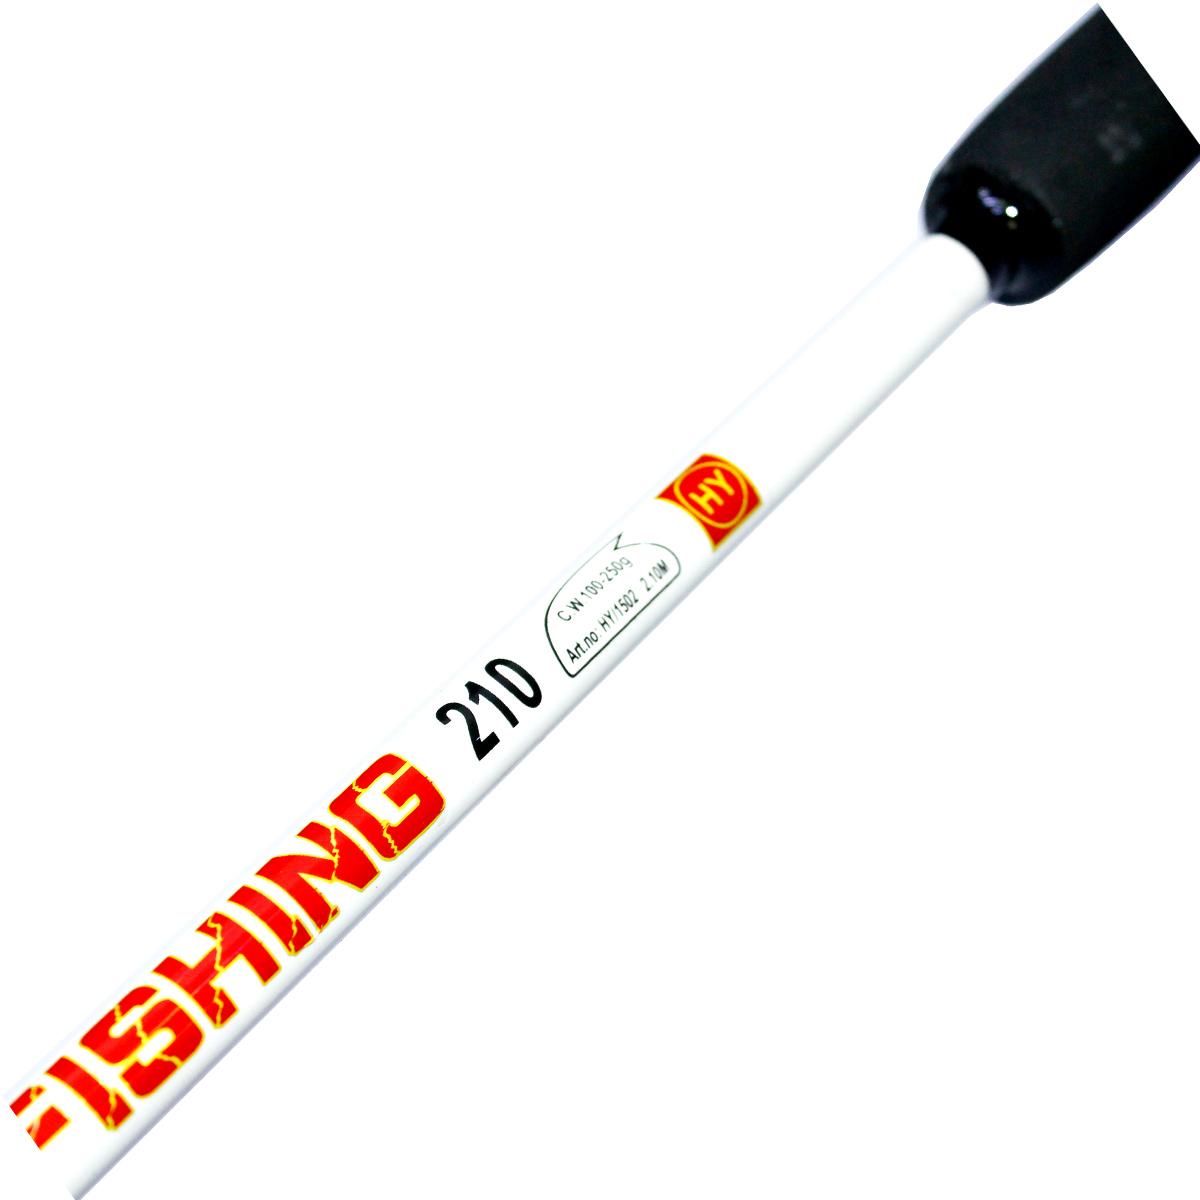 Cần Câu Máy Hai Khúc Đặc Trắng Fishing 2102 - 2m1 Phổ Thông